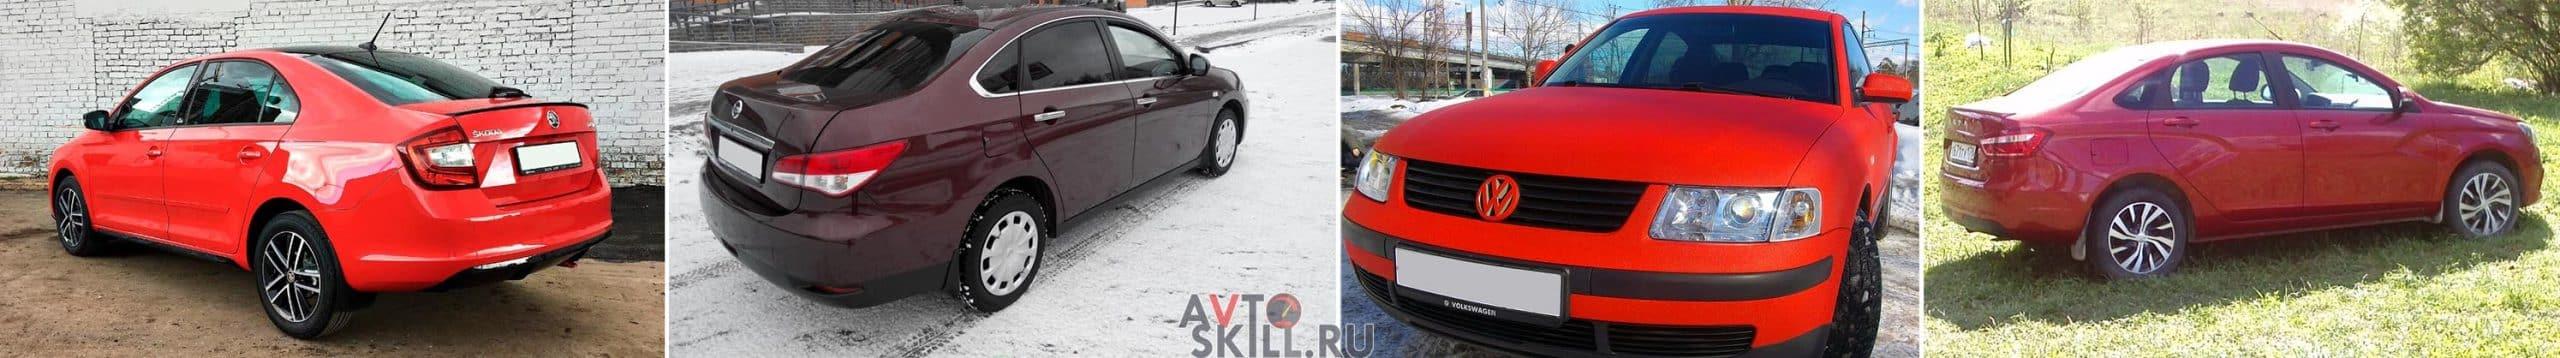 Какой цвет автомобиля выбрать | Красный цвет